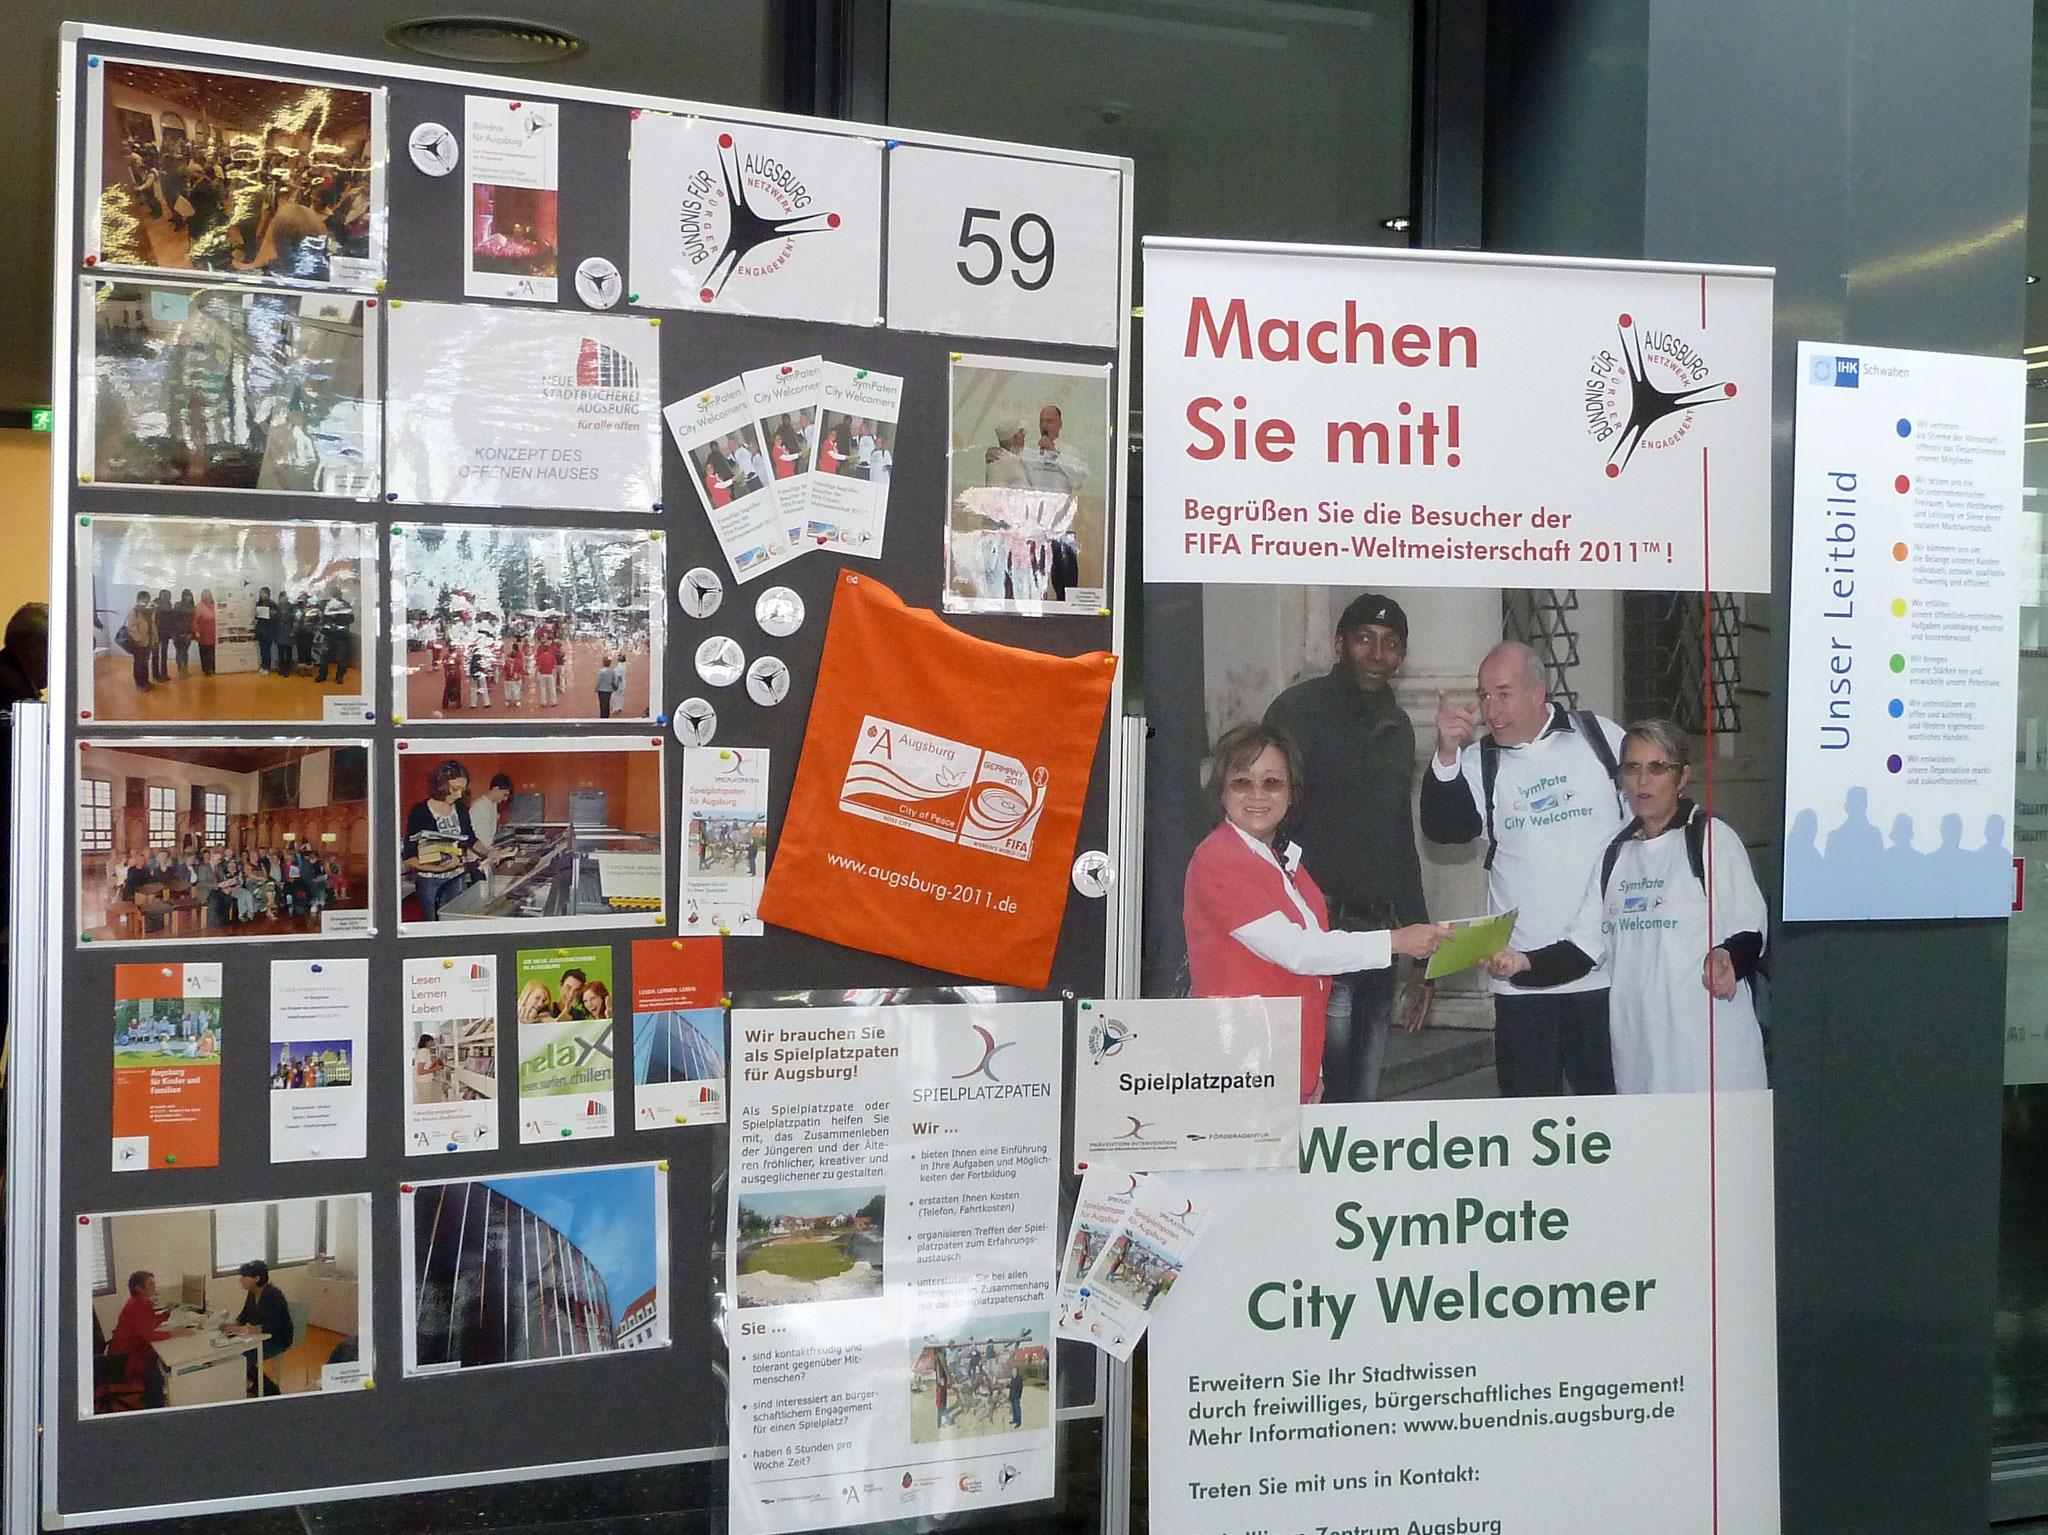 1. Augsburger Freiwilligen-Messe 2011 - Foto: Sabine Nölke-Schaufler